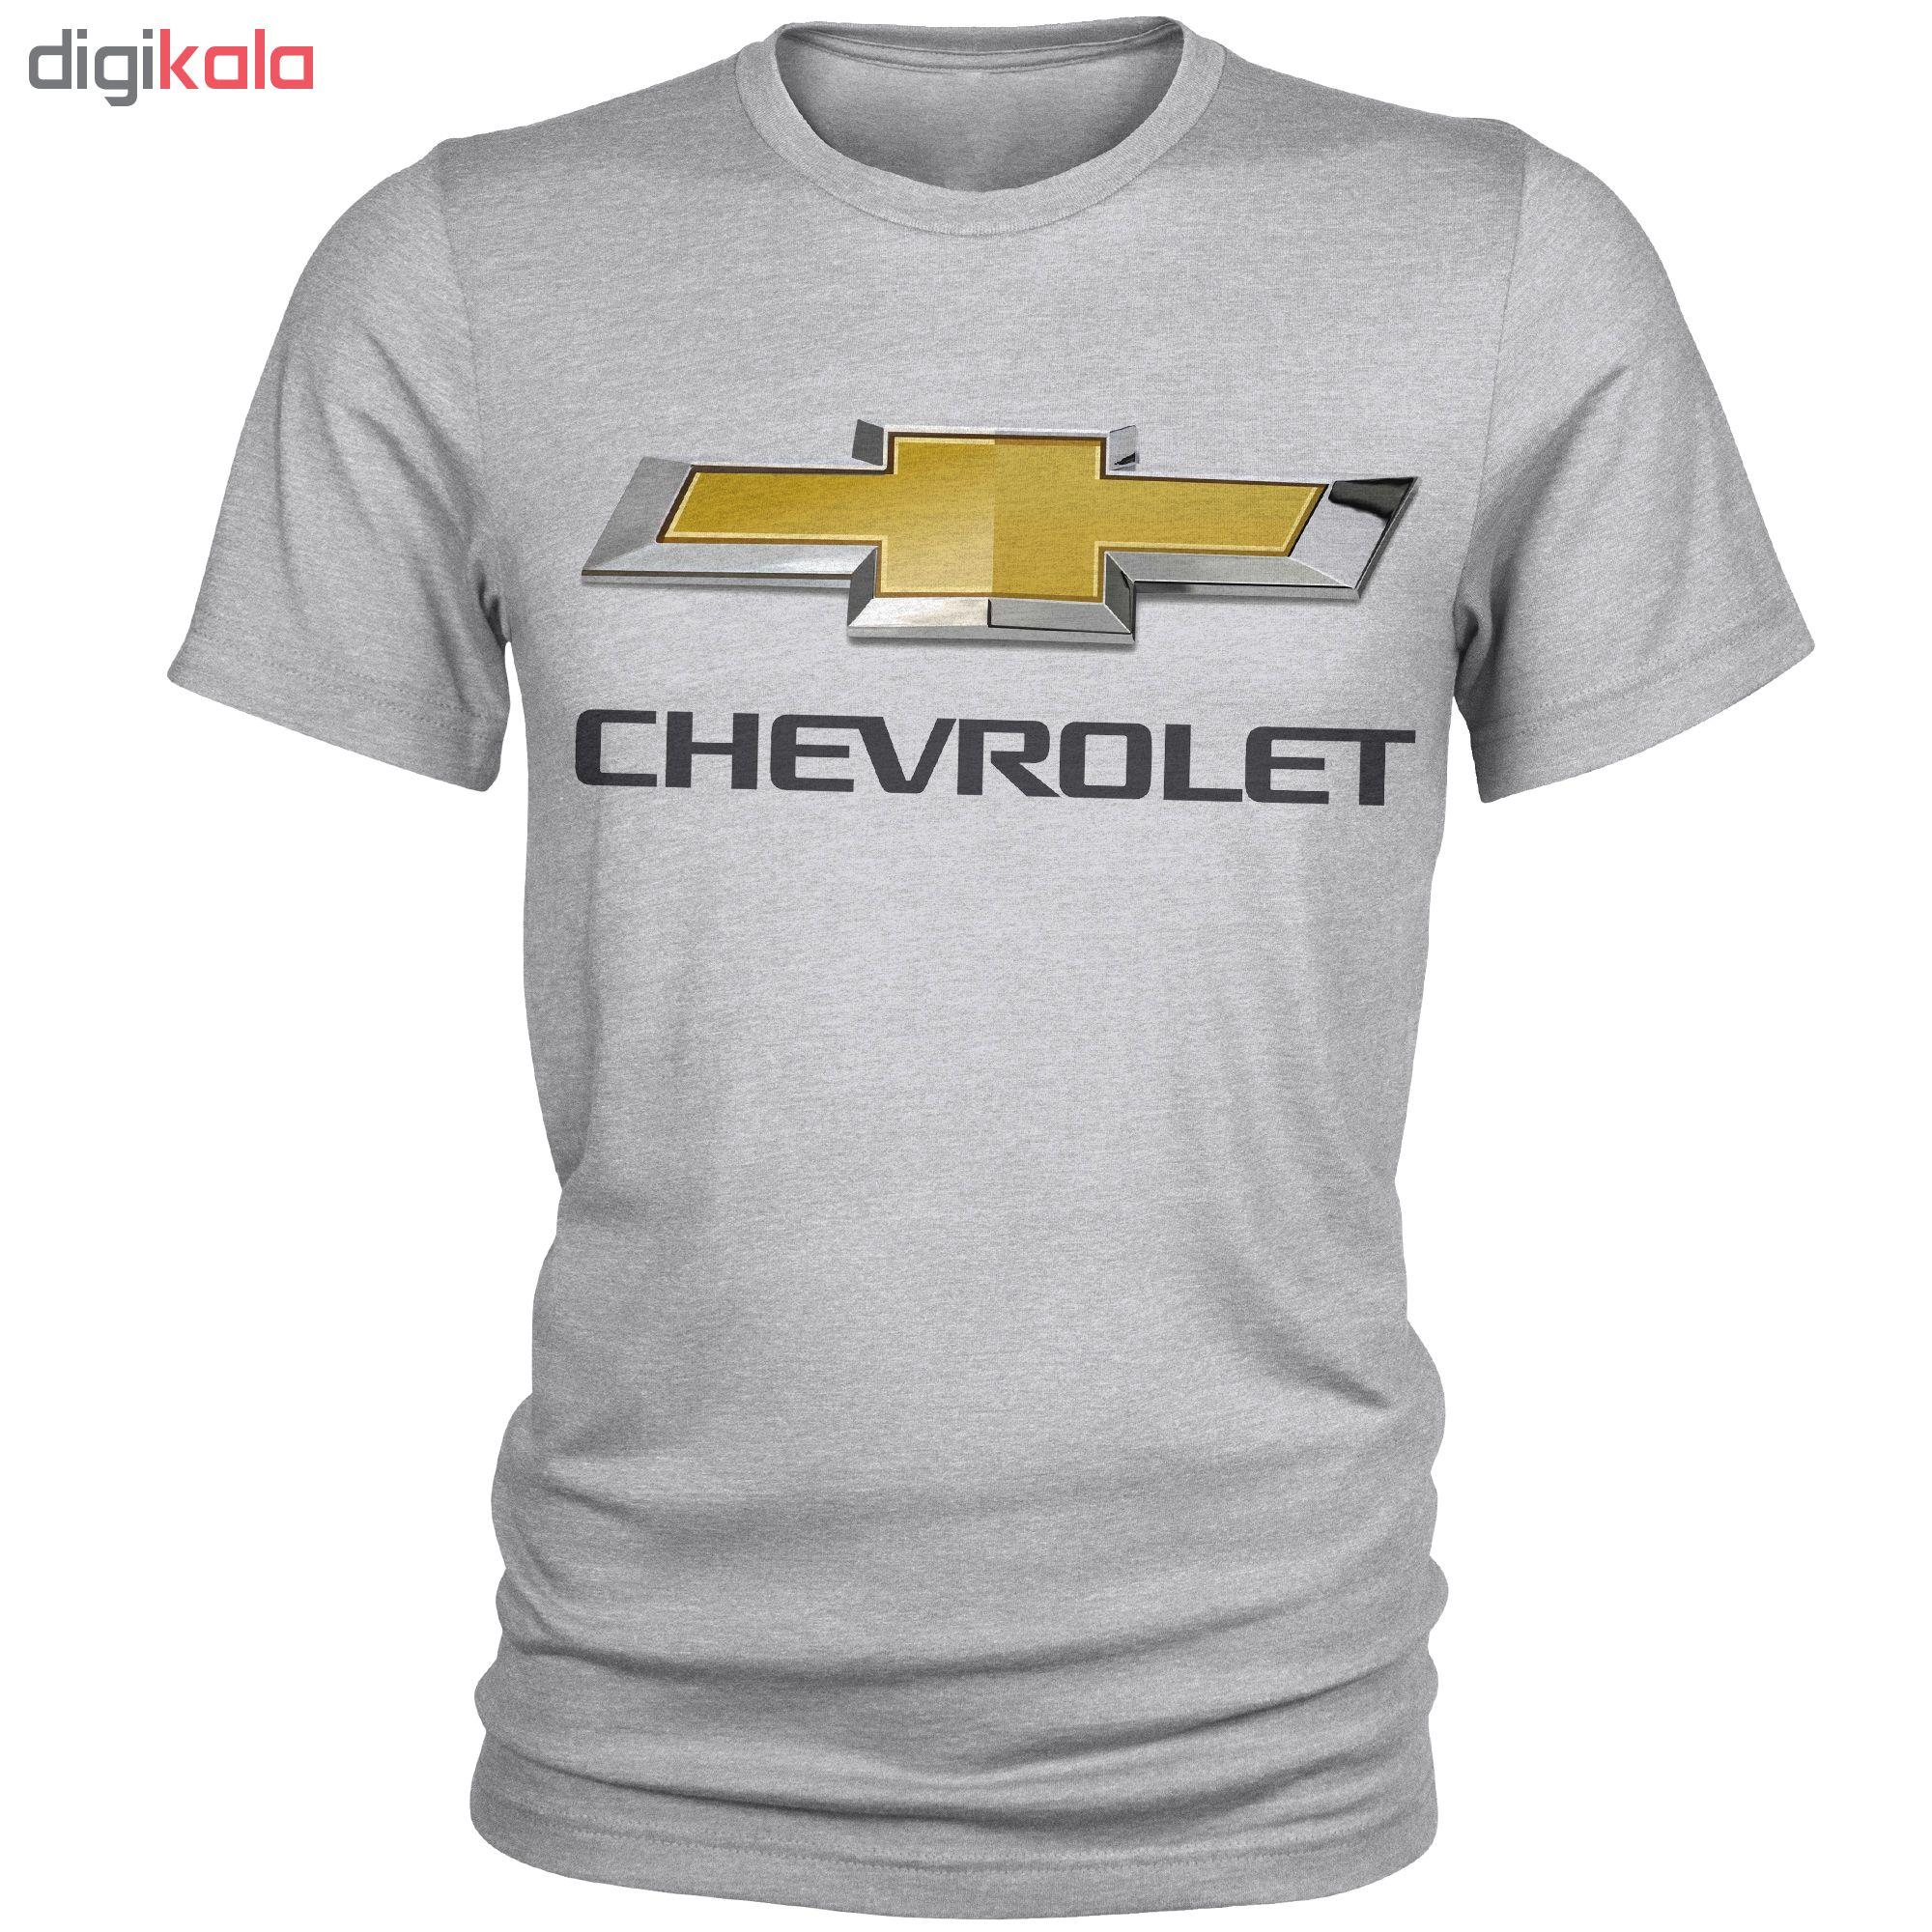 تی شرت مردانه مدل Chevrolet کد A108